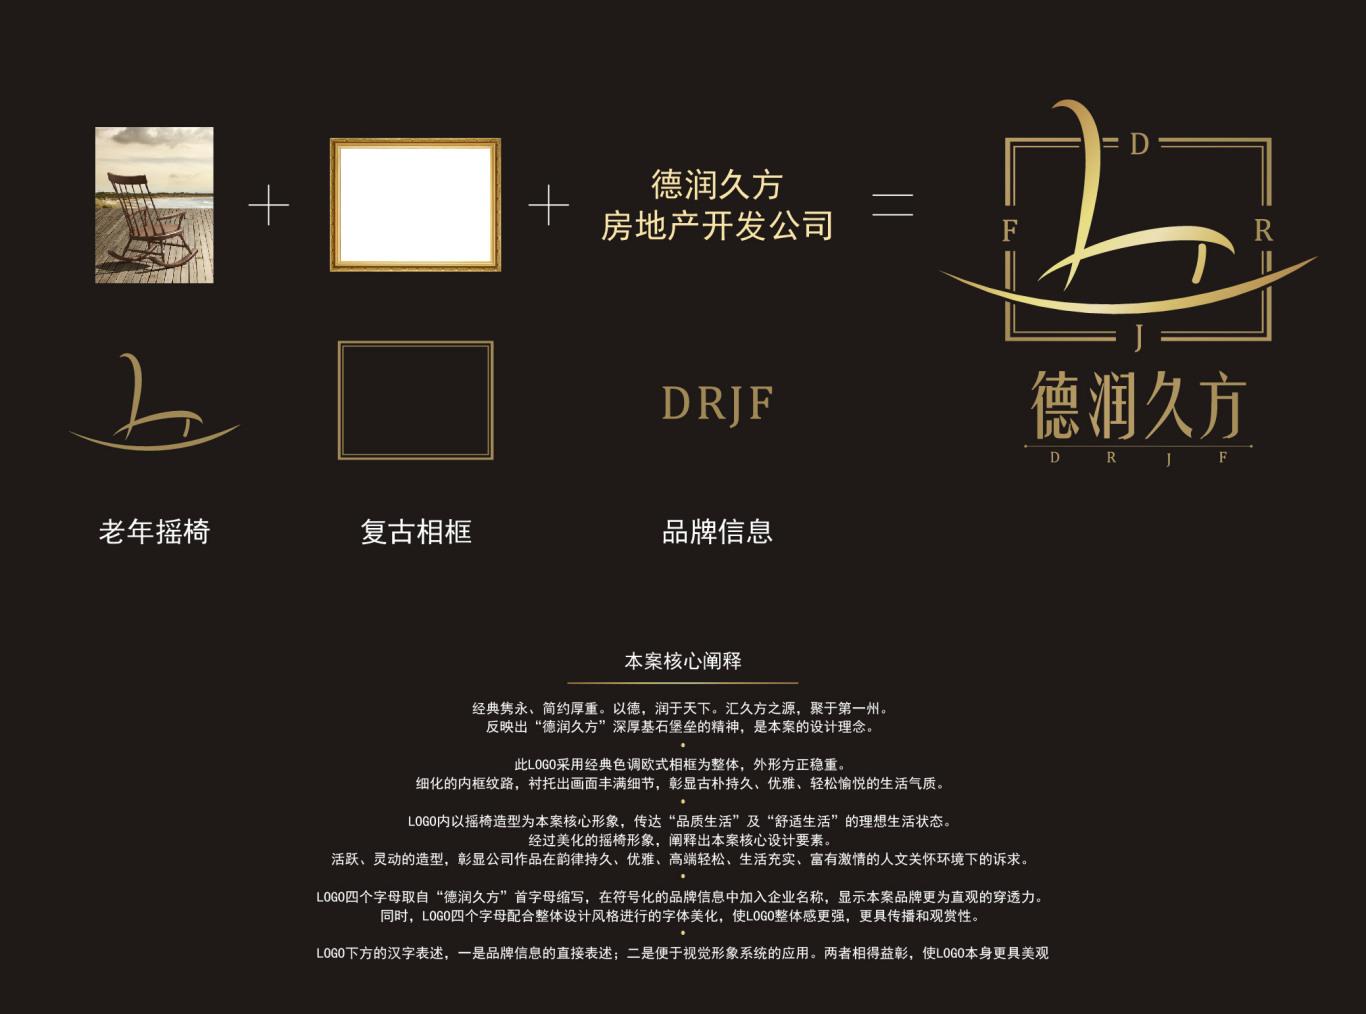 德润久方logo设计图0